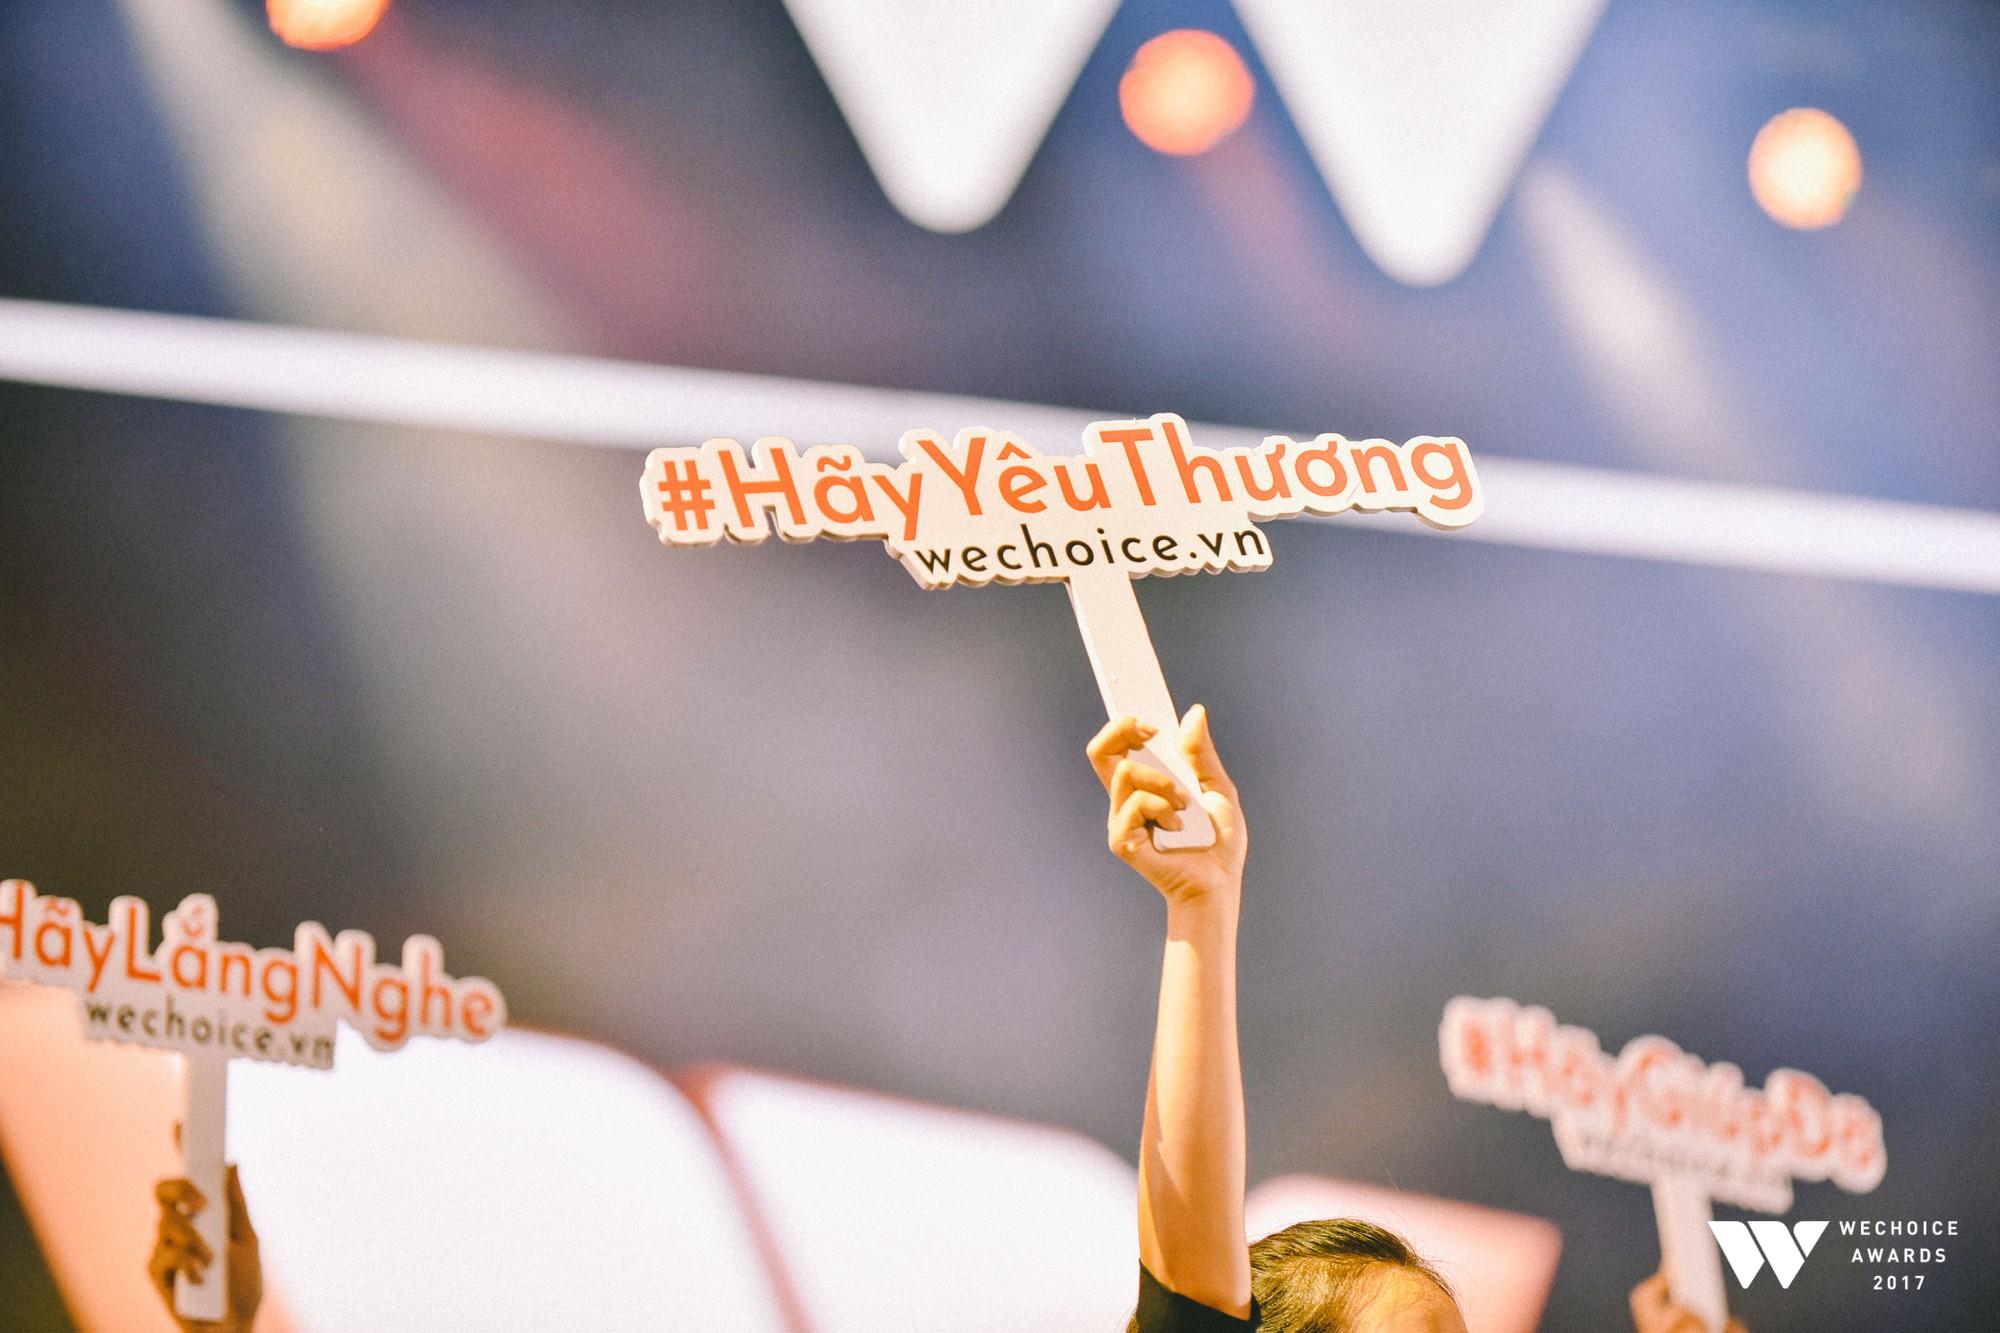 Khoảnh khắc WeChoice Awards: Đẹp nhất là khi Sơn Tùng, bé Bôm và các nghệ sĩ Việt cùng chậm lại trong dòng cảm xúc vỡ òa - Ảnh 9.